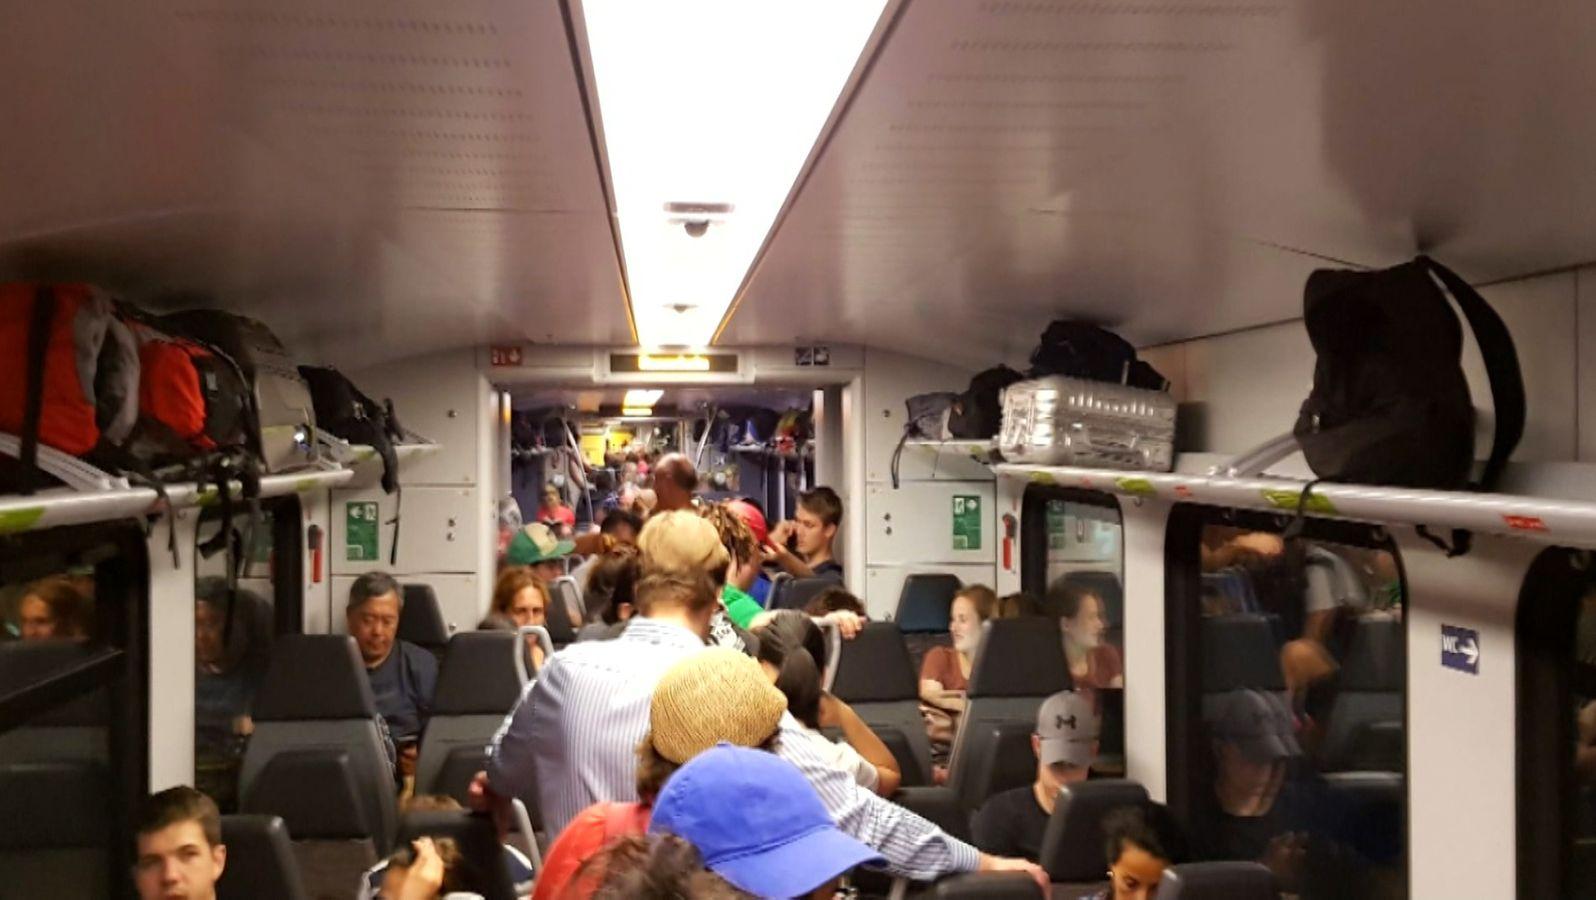 Stundenlang Mussten 600 Gäste In Einem Liegengebliebenen Meridian Zug Ausharren Für Die Strapazen Sollen Sie Nun Entschädigt Werden